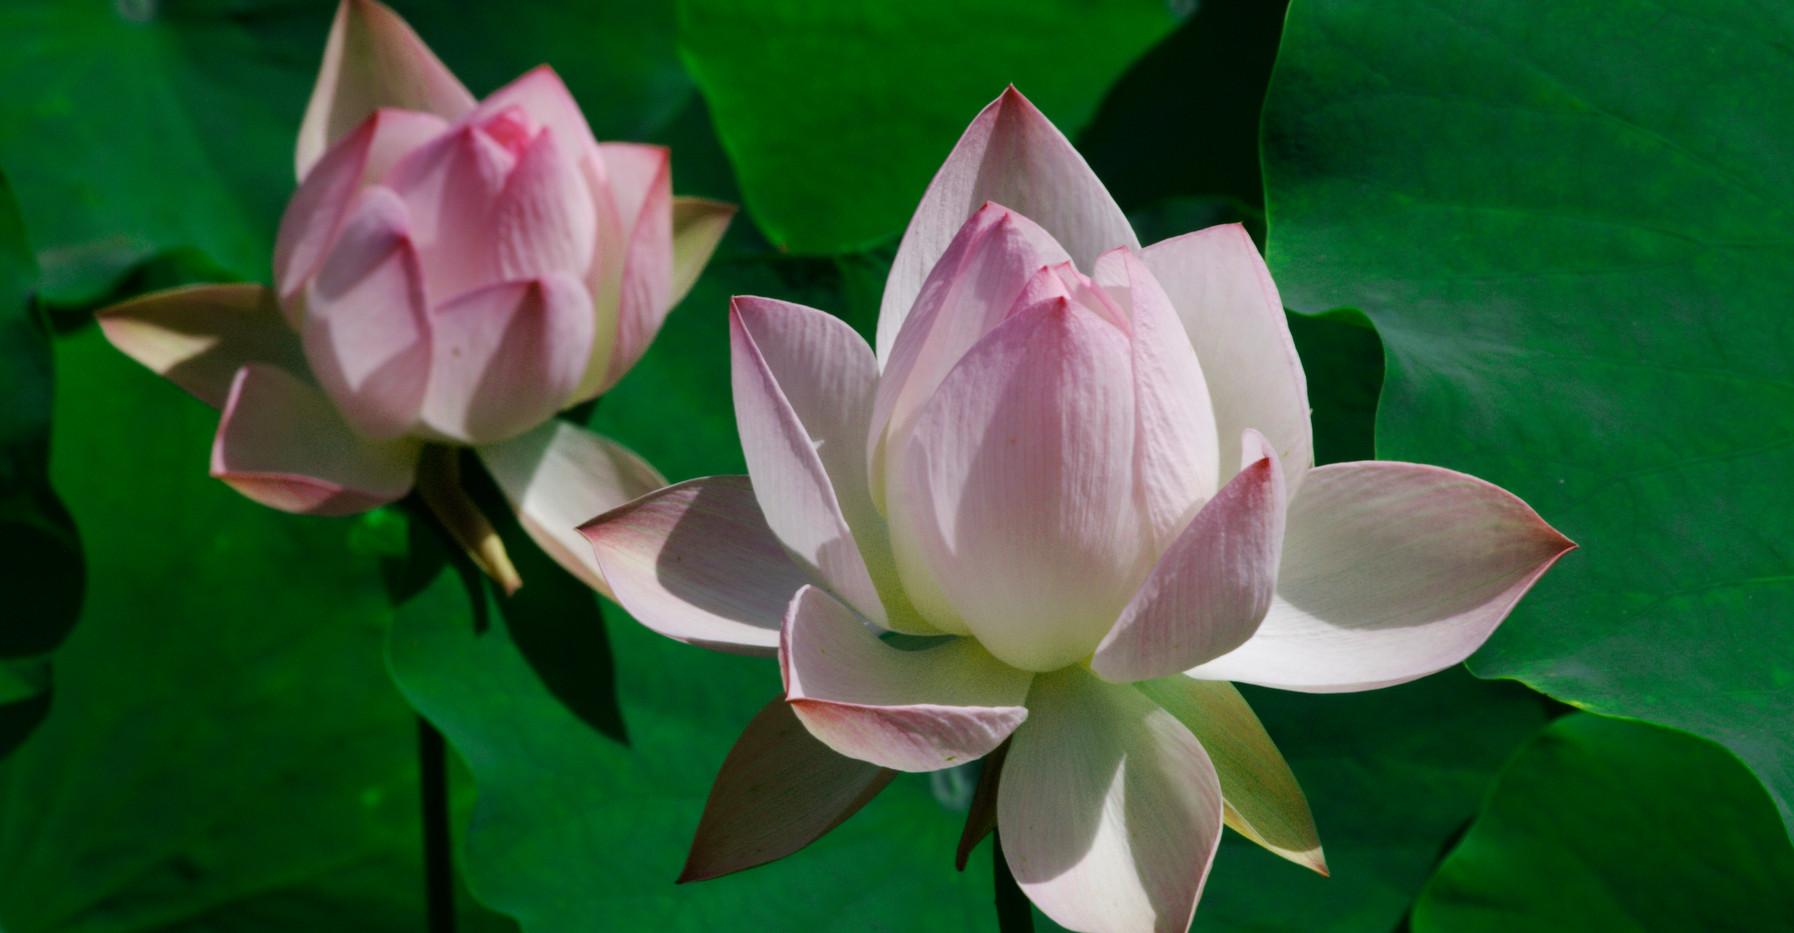 Pink & White Lotus Flowers.